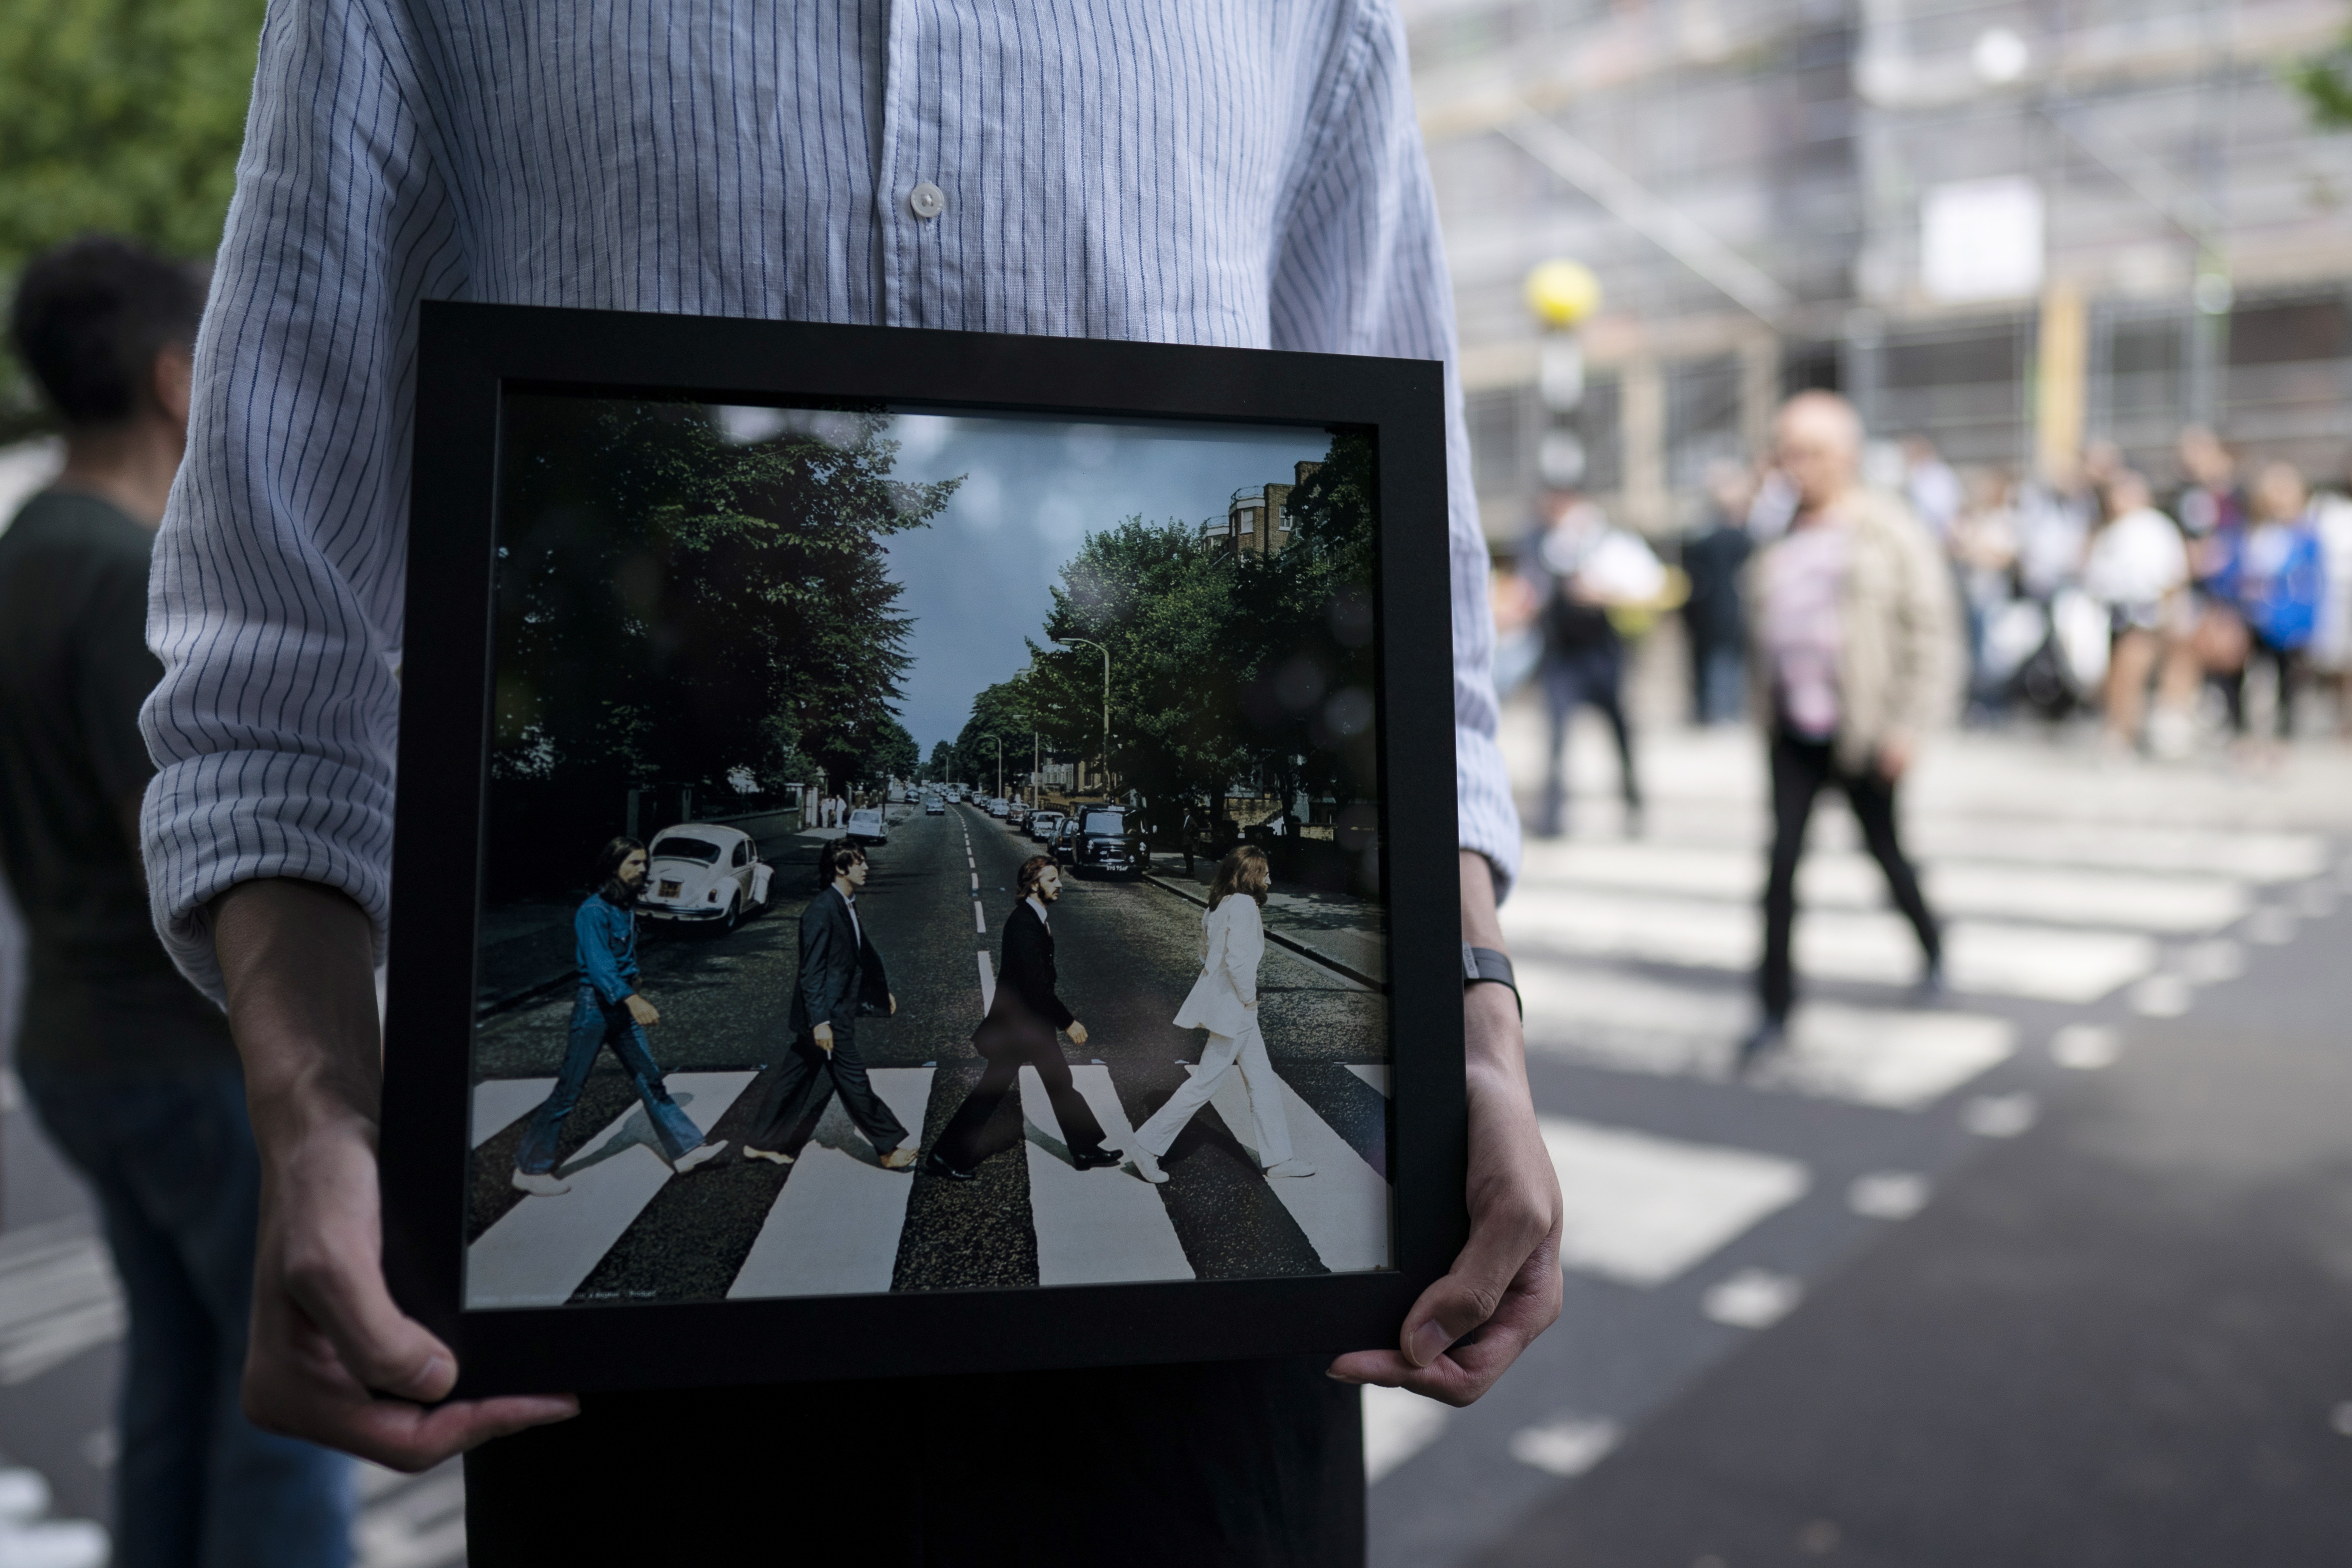 fan-ton-beatles-giortazoyn-tin-50i-epeteio-tis-fotografias-toy-abbey-road-fotografies4